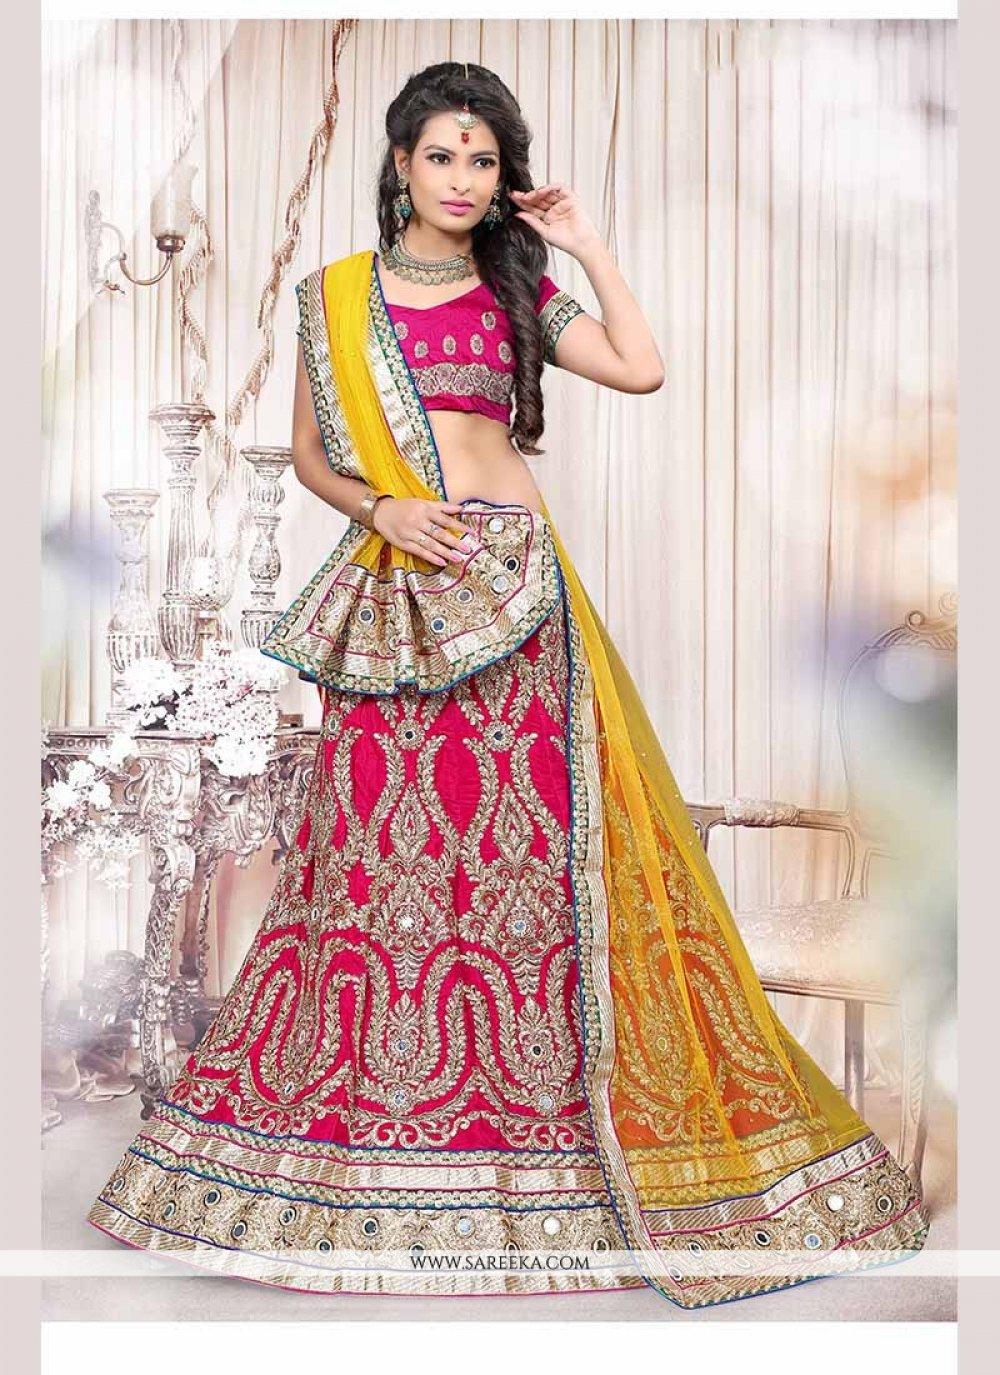 Fancy Fabric Hot Pink Lehenga Choli